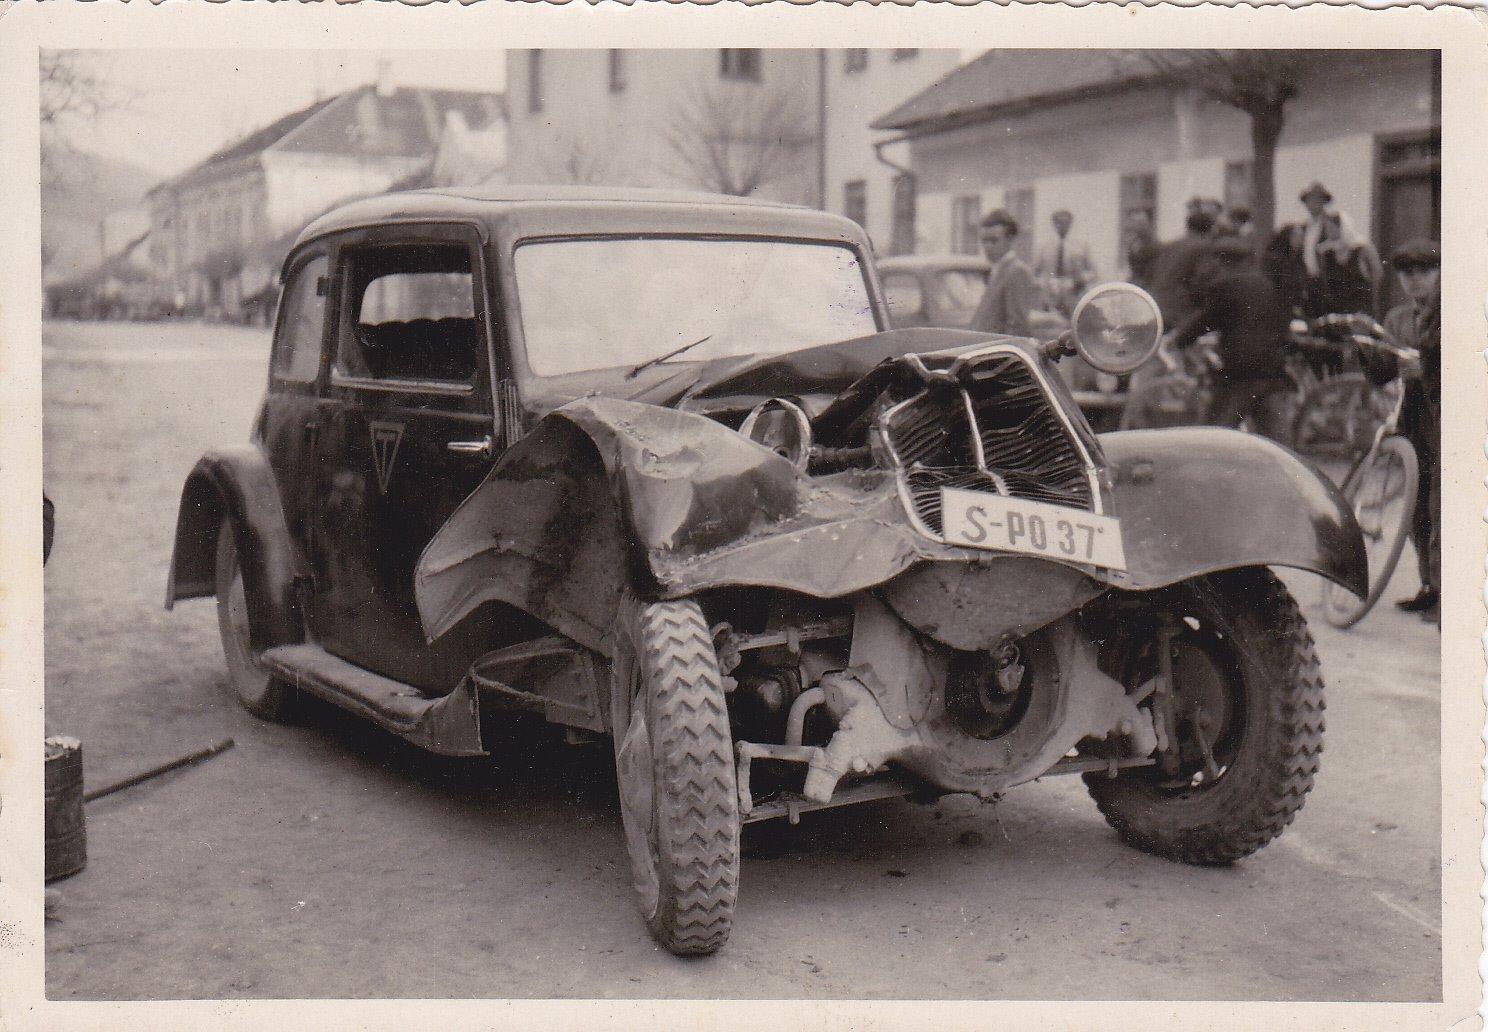 kolízia vozidiel p. Ocelíka a p. C. Záležáka na Námestí slobody v roku 1948 (Tatra 57b)